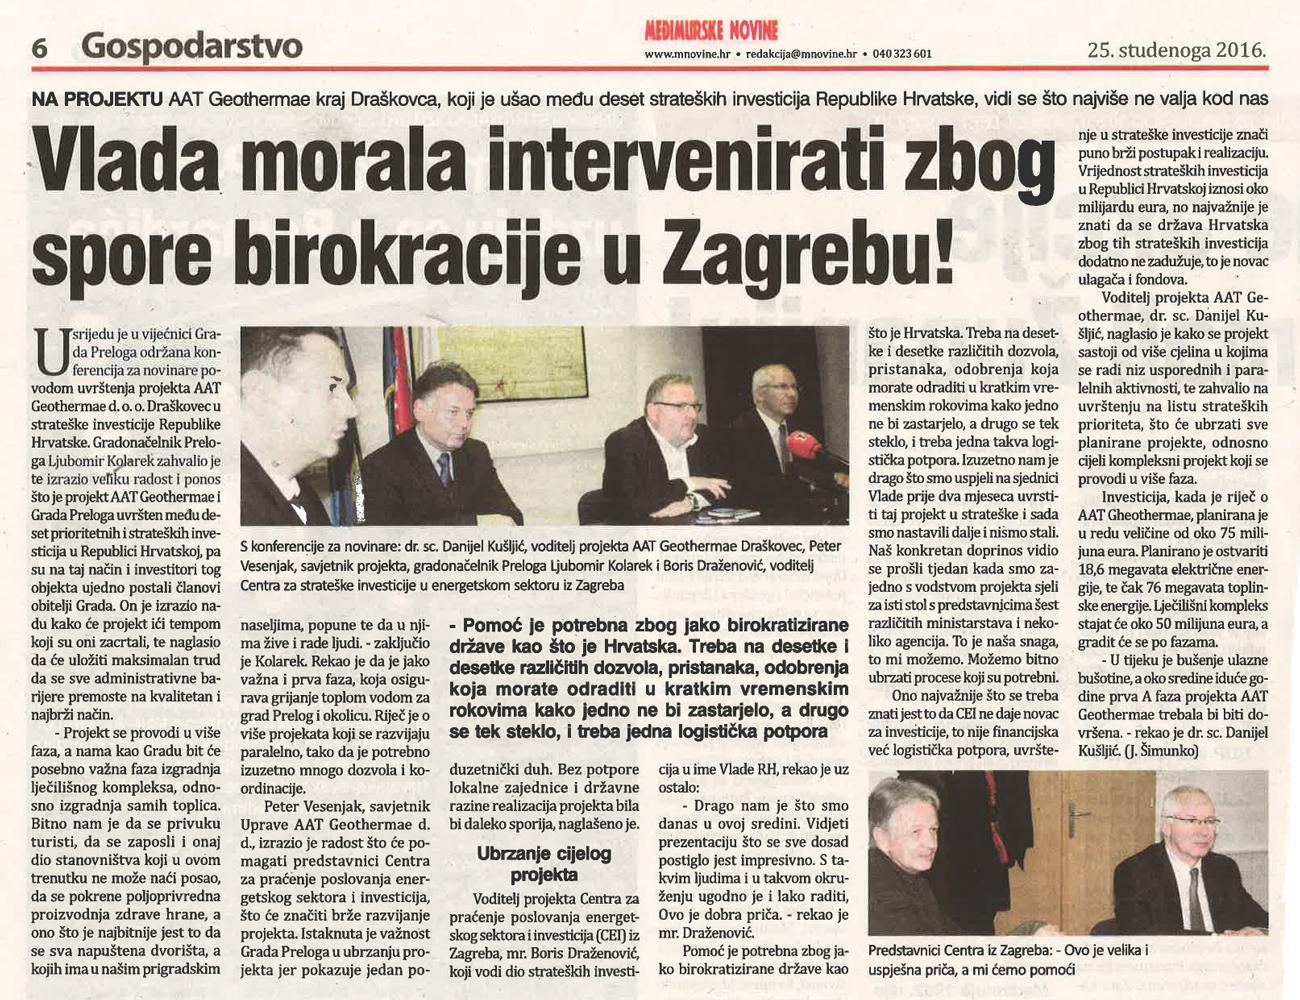 Međimurske Novine – Vlada morala intervenirati zbog spore birokracije u Zagrebu!